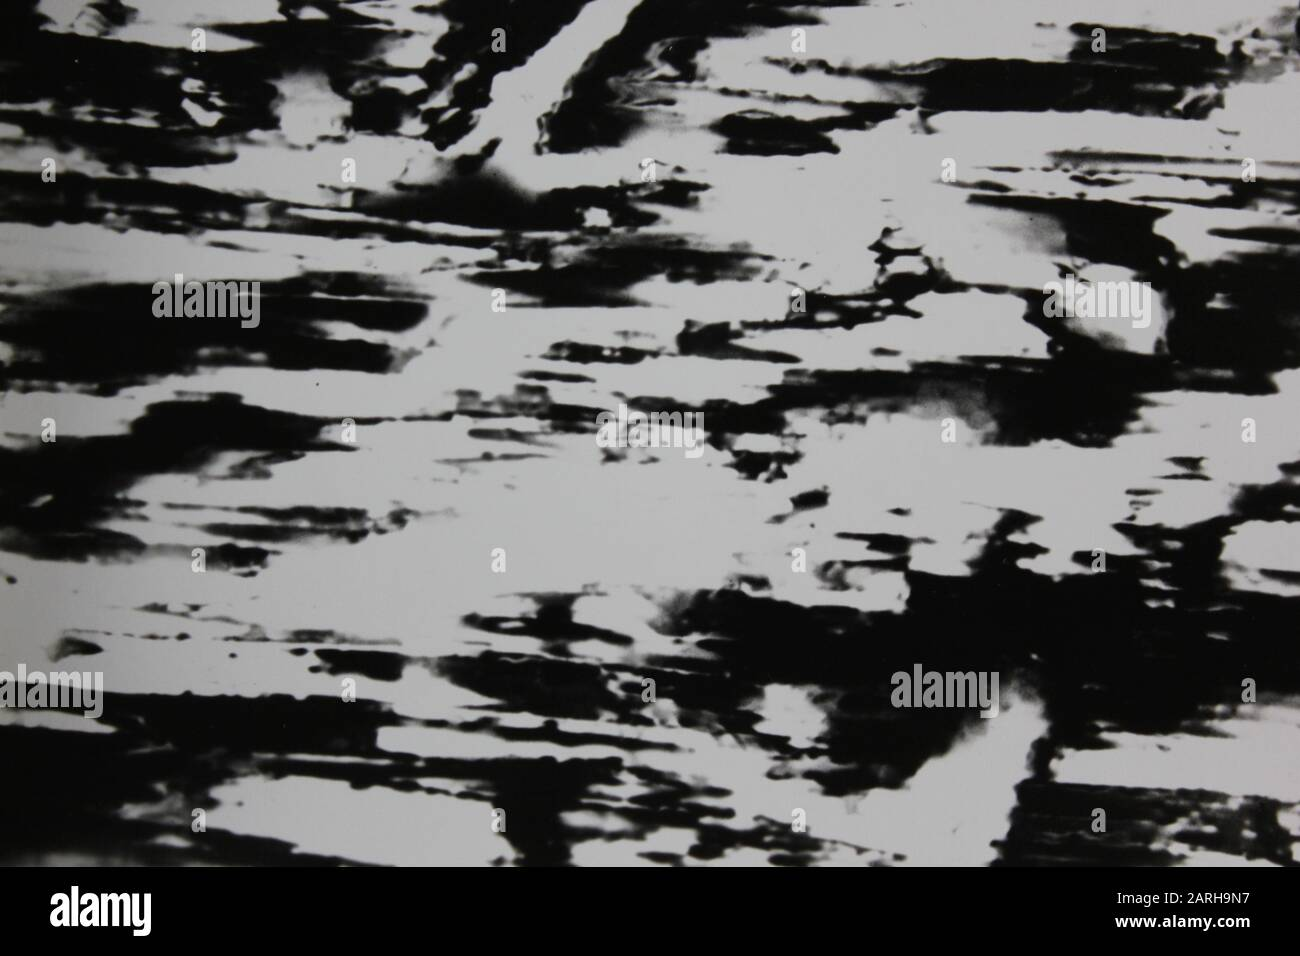 Fotografía abstracta extrema blanca y negra de los años setenta Foto de stock